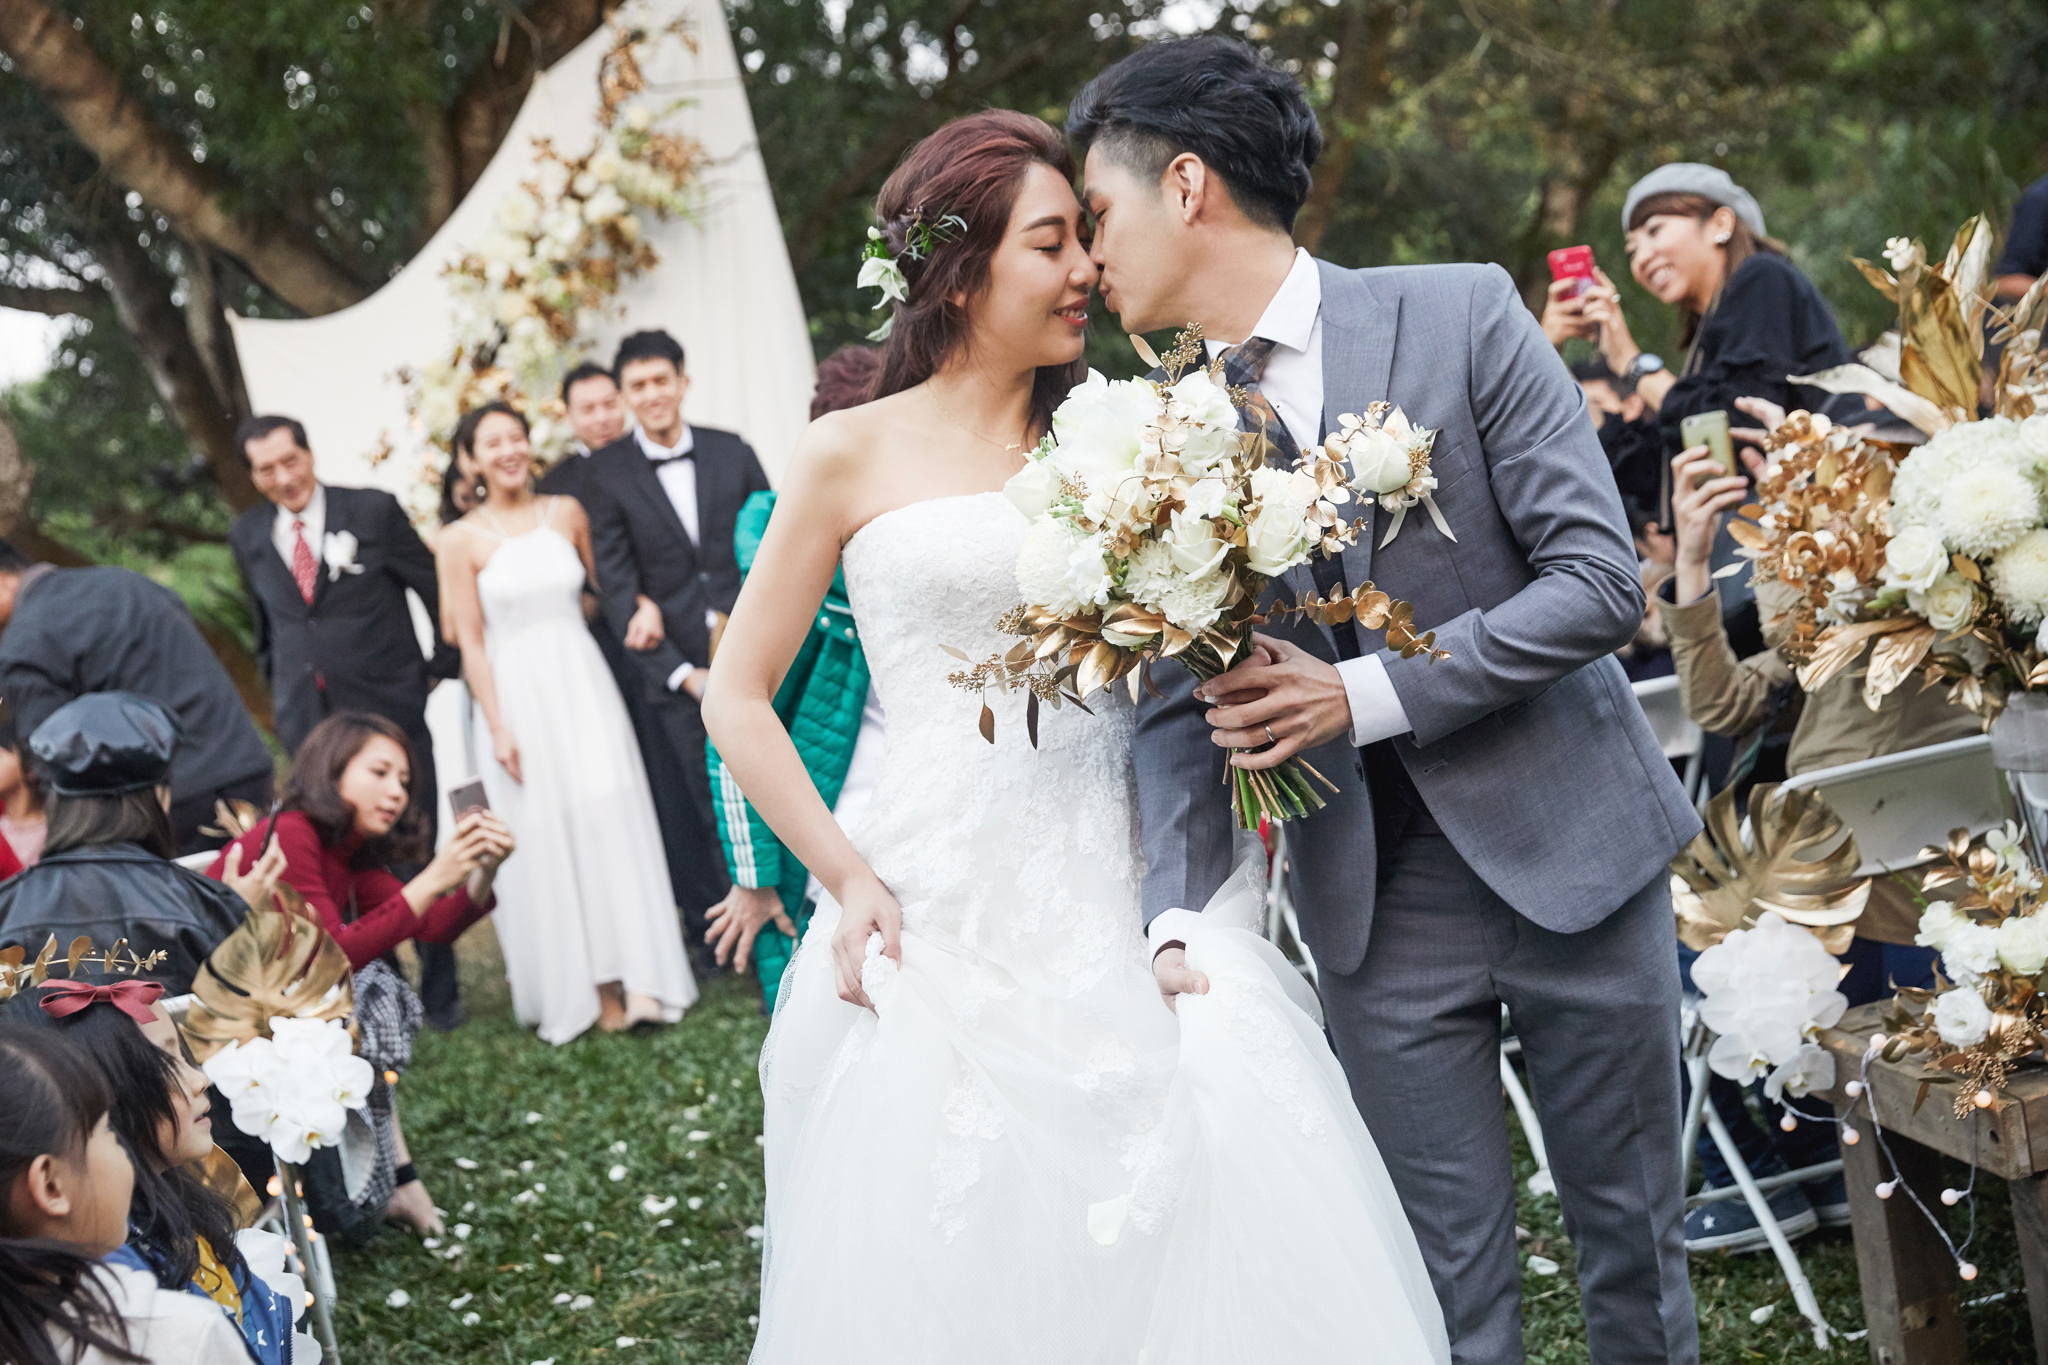 顏牧牧場婚禮, 婚攝推薦,台中婚攝,後院婚禮,戶外婚禮,美式婚禮-69